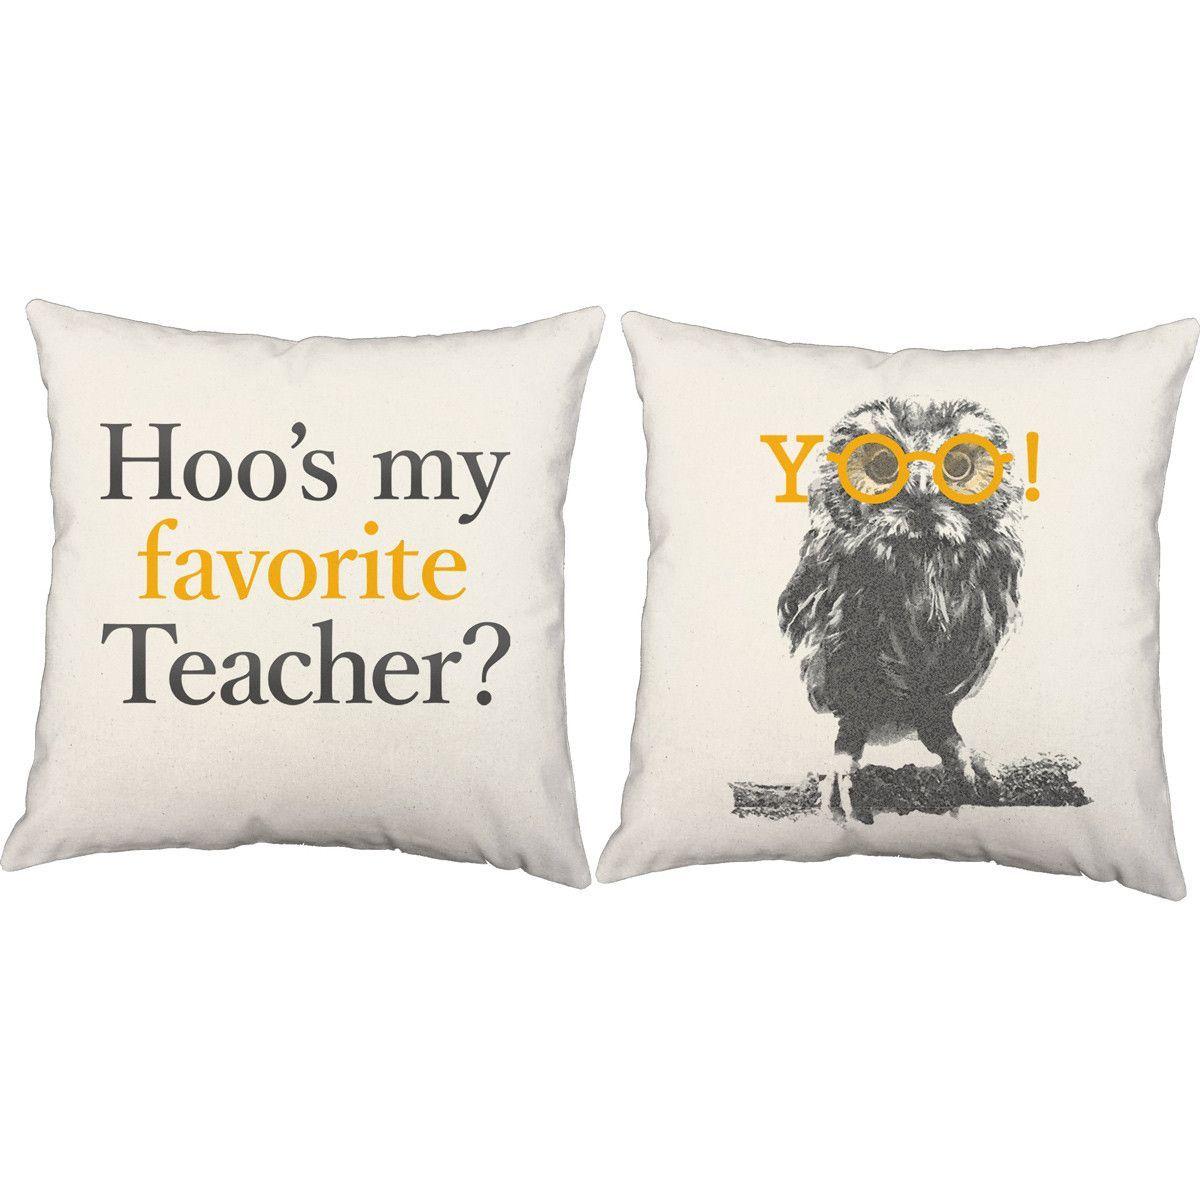 Favorite Teacher Throw Pillows - Set of 2